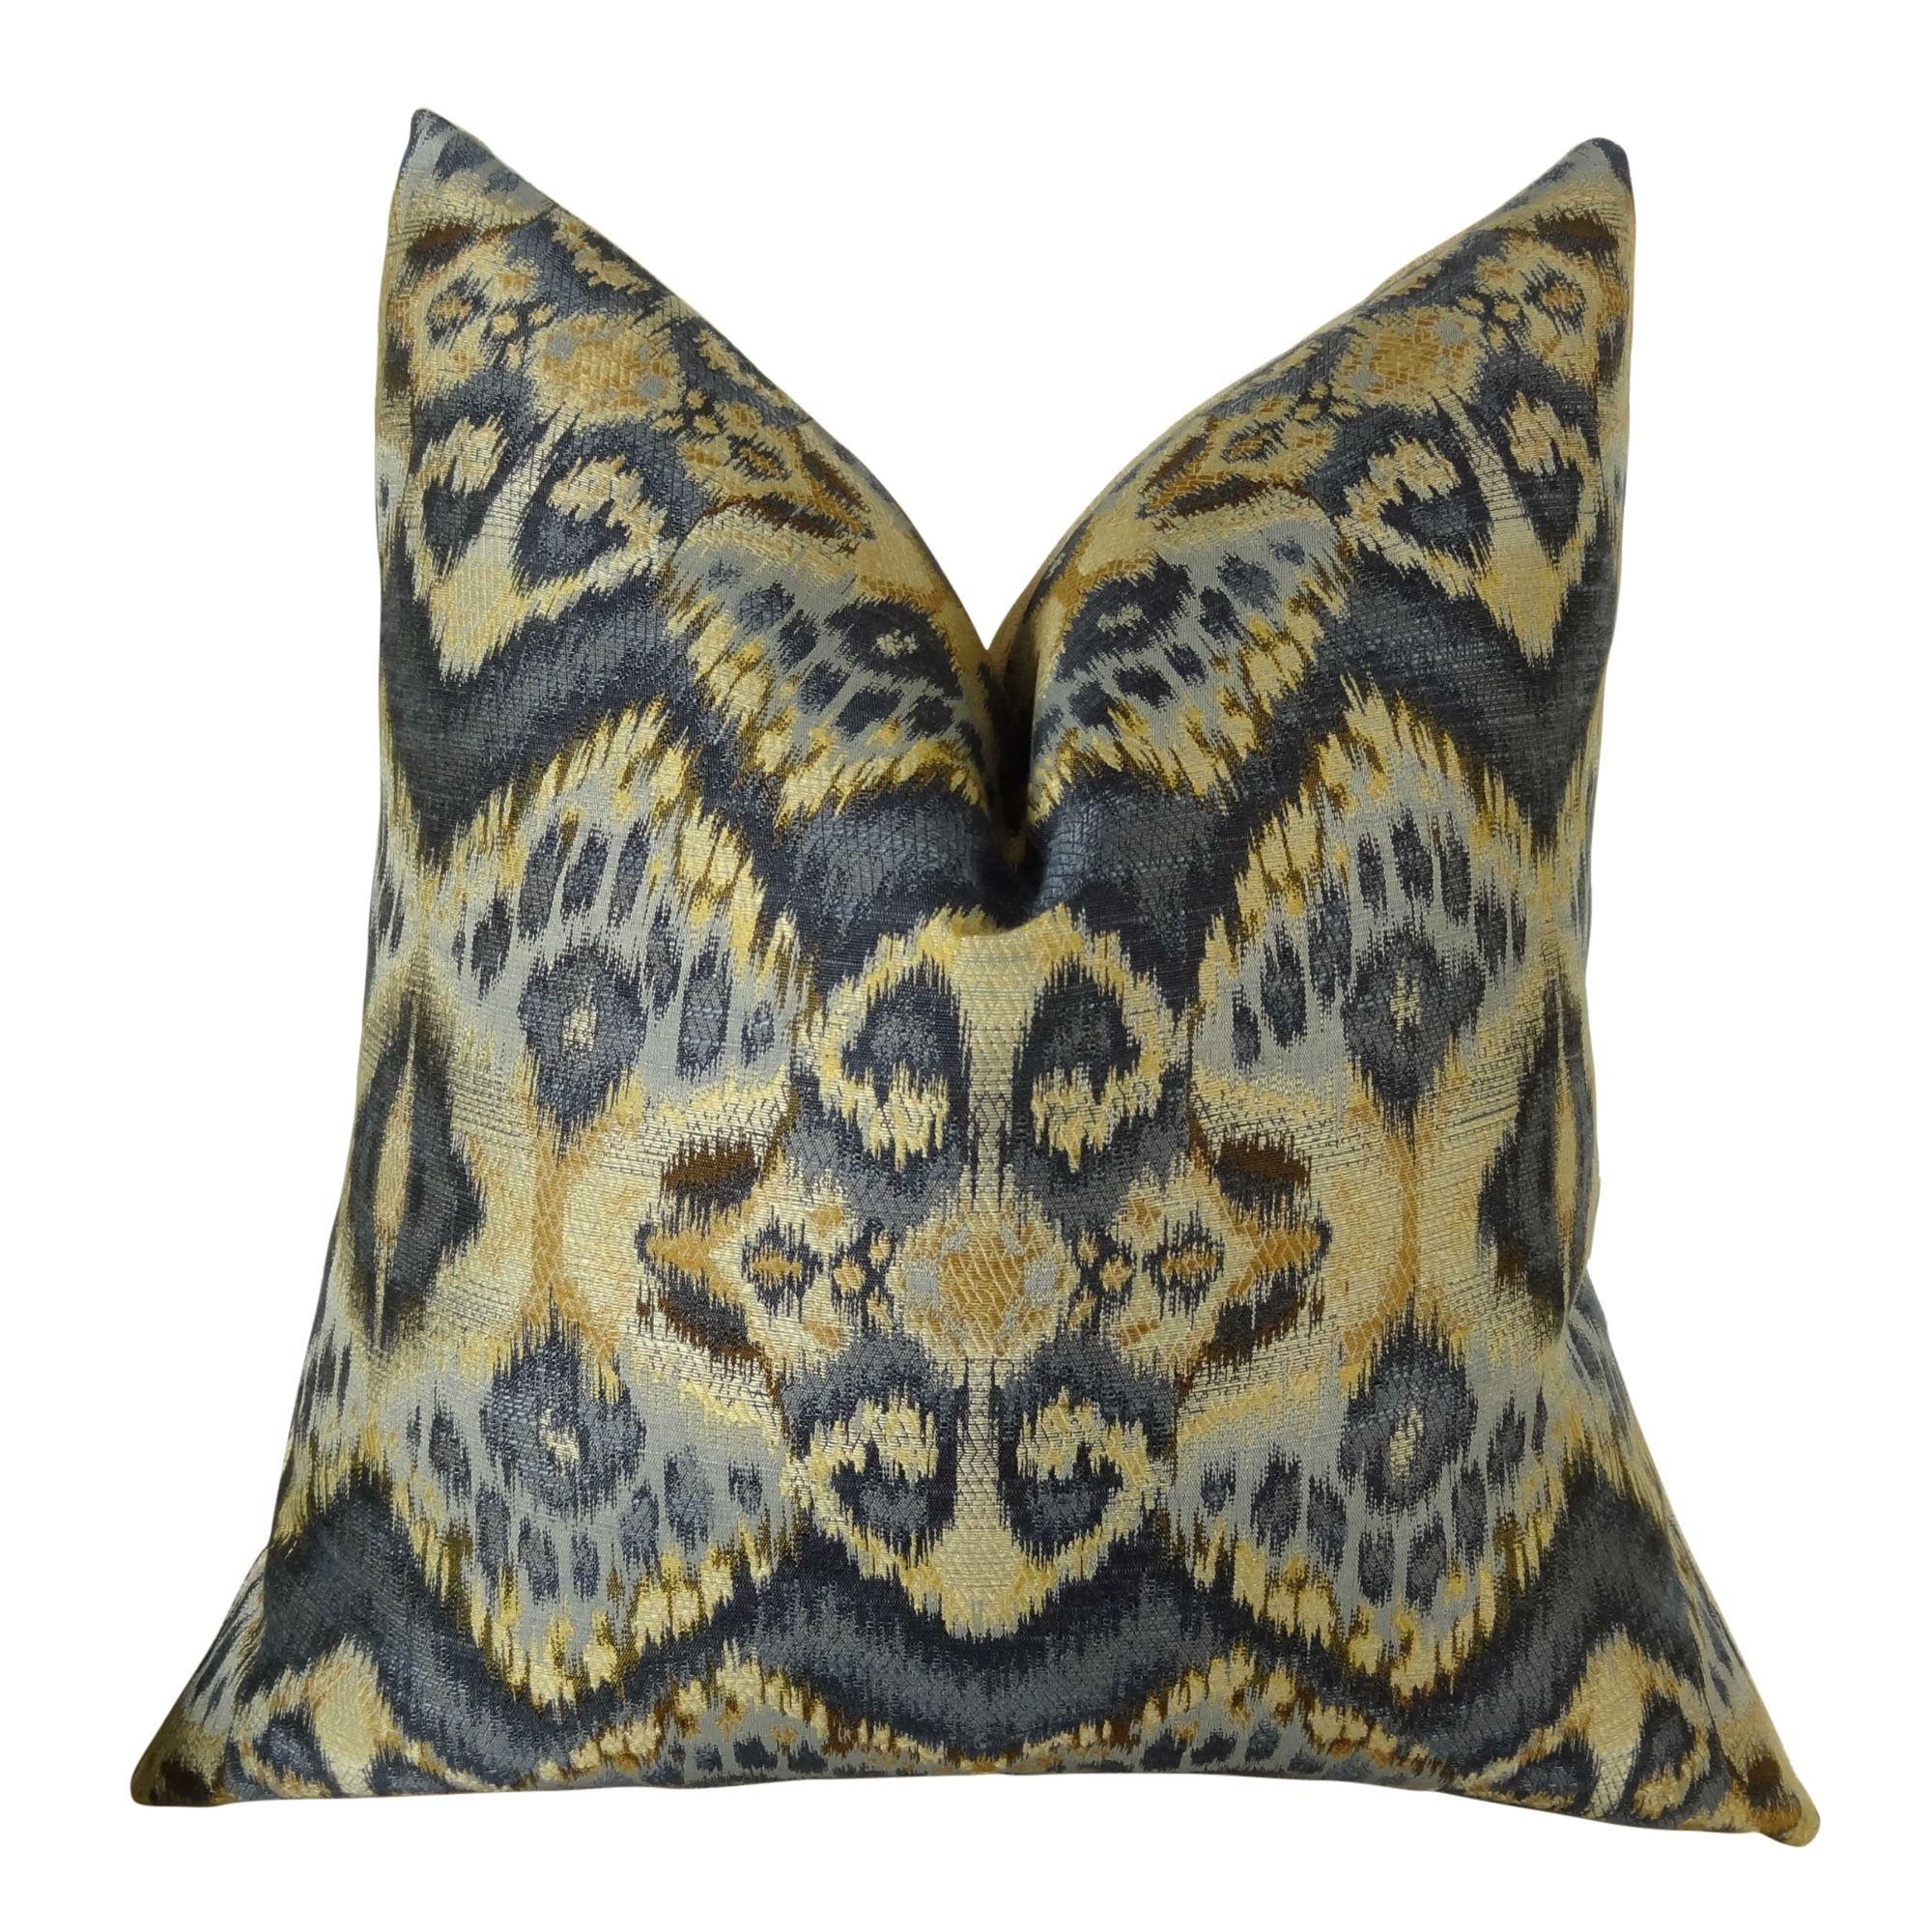 Thomas Collection Designer Zig Zag Ikat Throw Pillow - Navy Blue Tan Indigo Ikat Accent Pillow - Wavy Ikat Throw Pillow - Modern Ikat Pillow, Made in USA, 11082